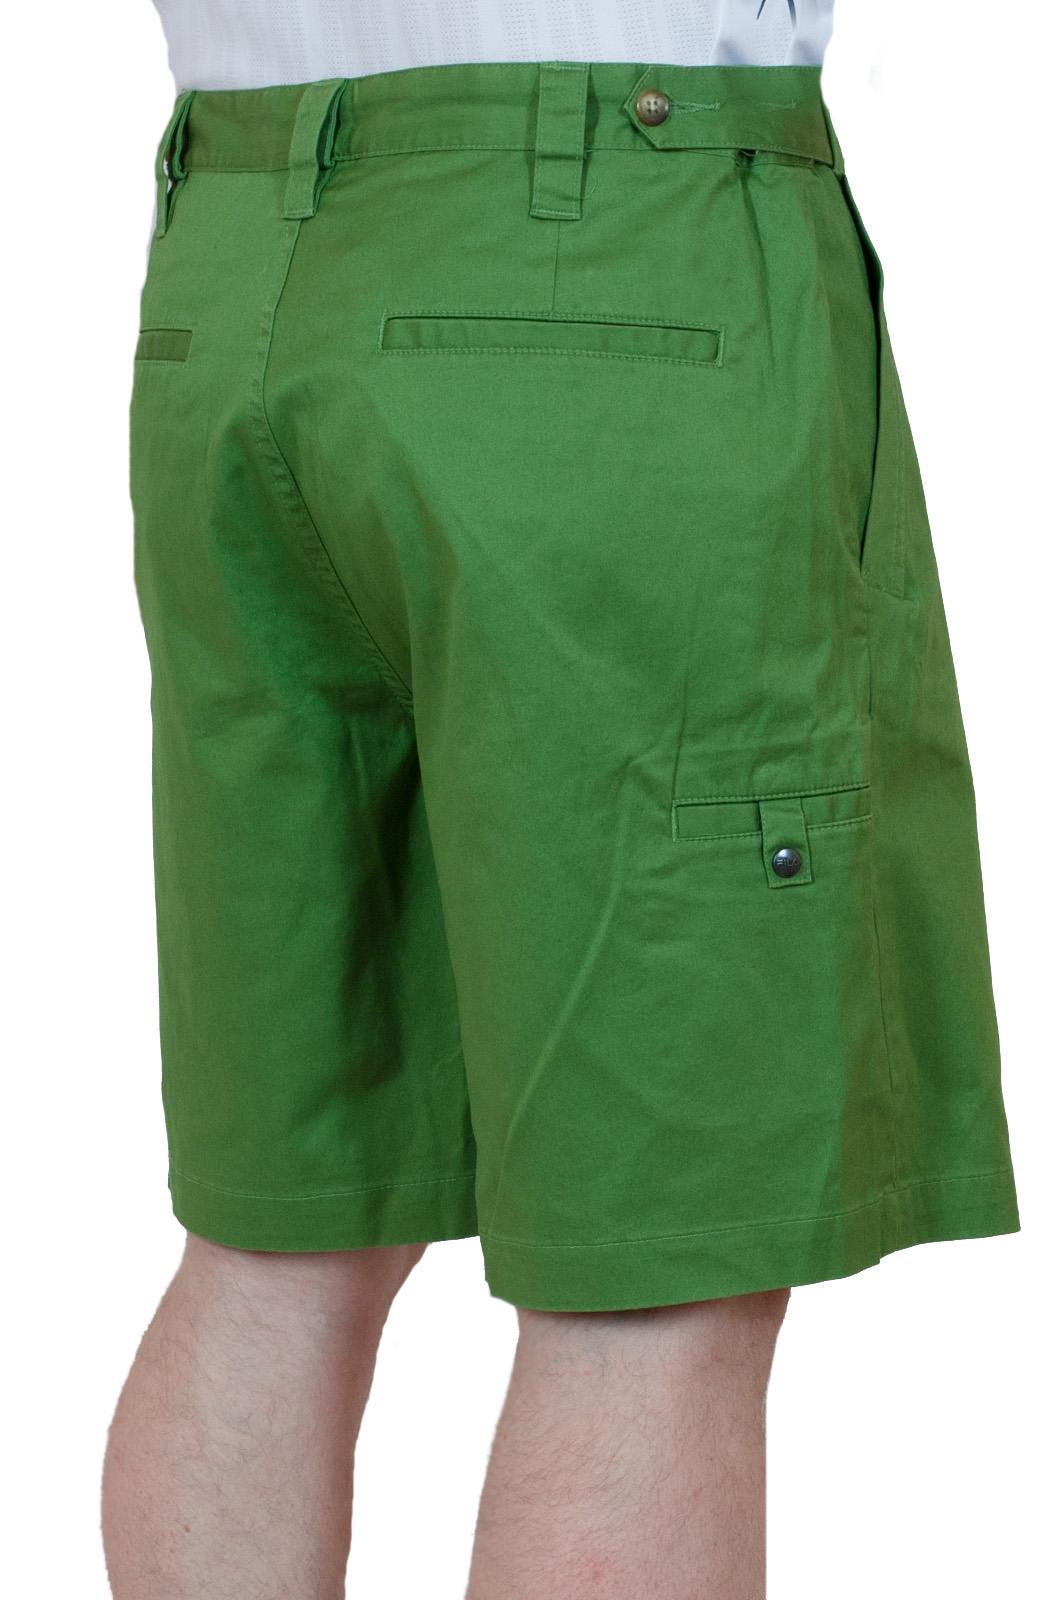 Хлопчатобумажные зеленые мужские шорты - вид сзади